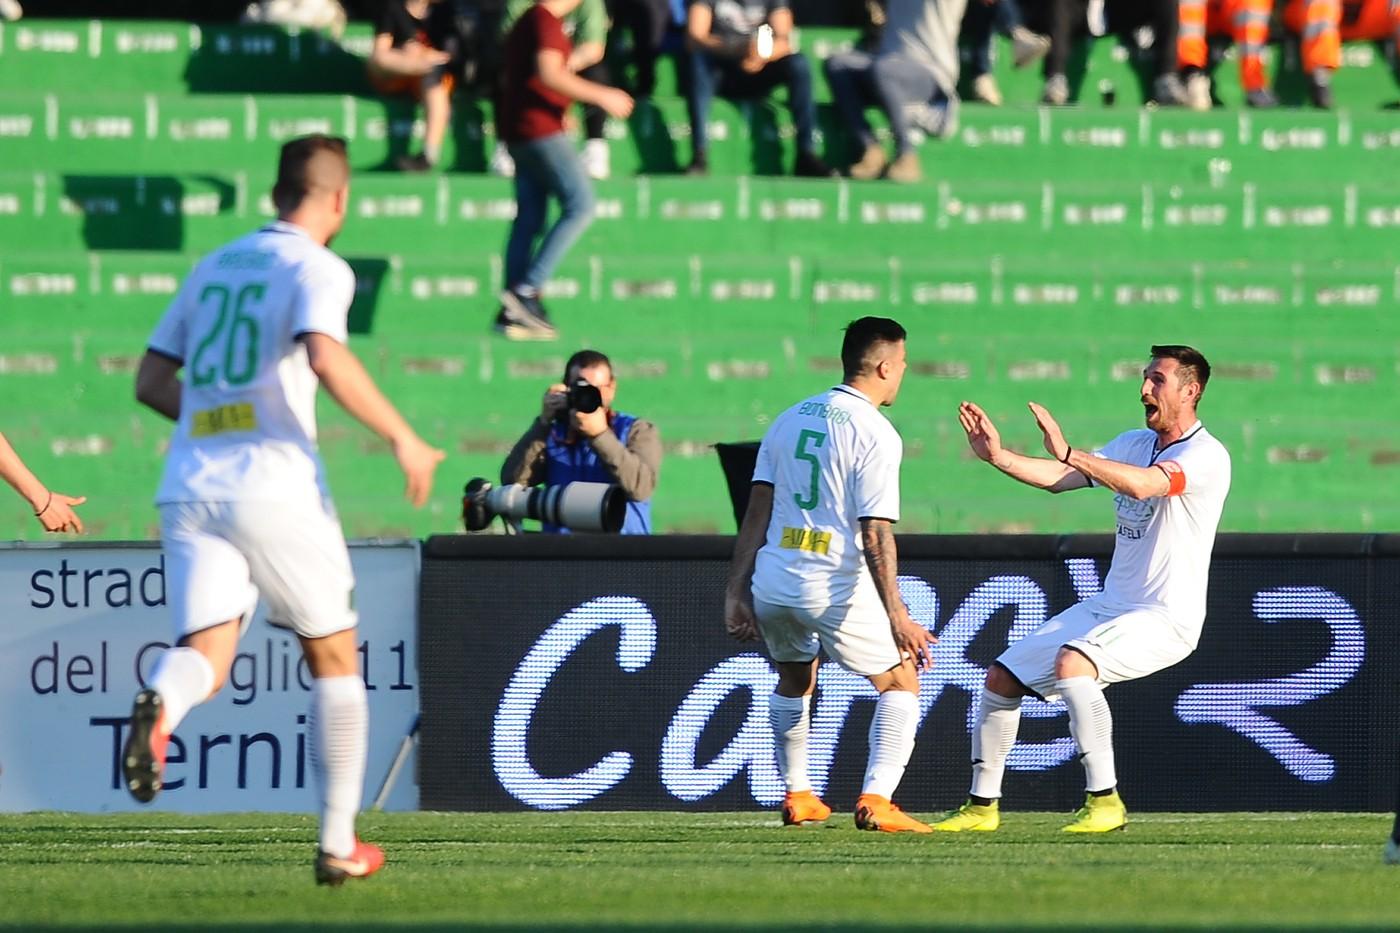 Calendario Coppa Italia Serie C.Serie C Coppa Italia Il Calendario Della Fase Eliminatoria